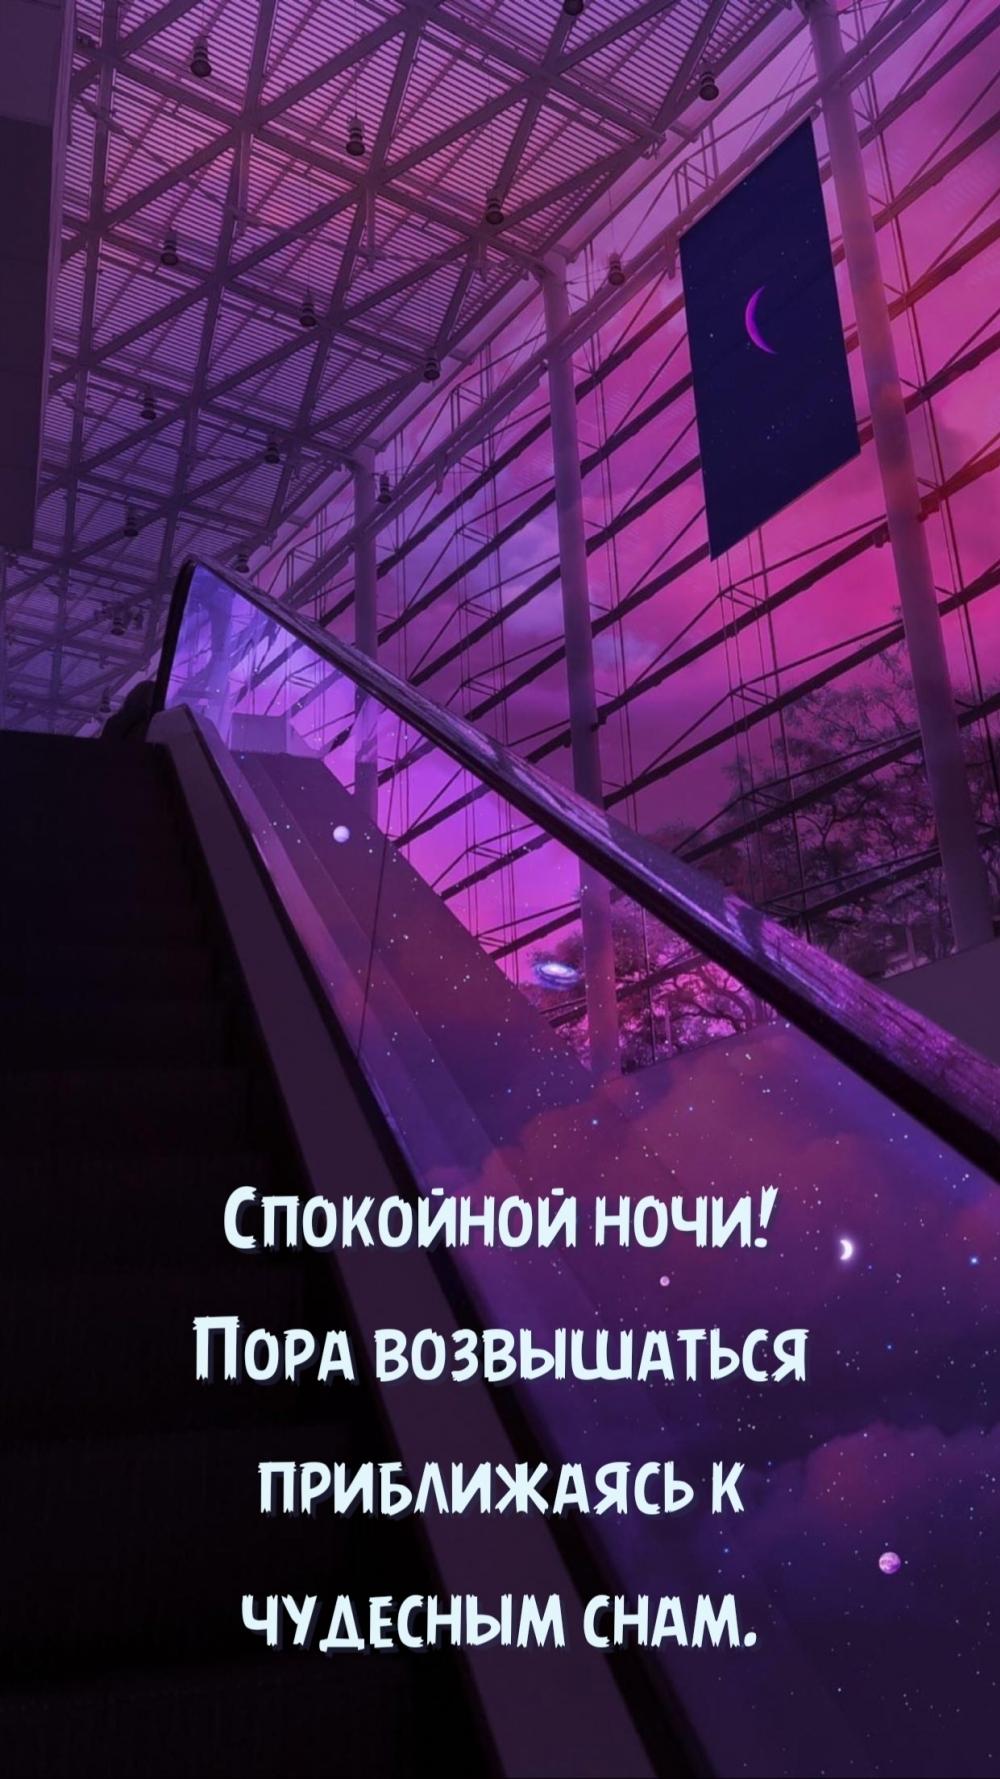 Эскалатор поднимающий к чудесным снам